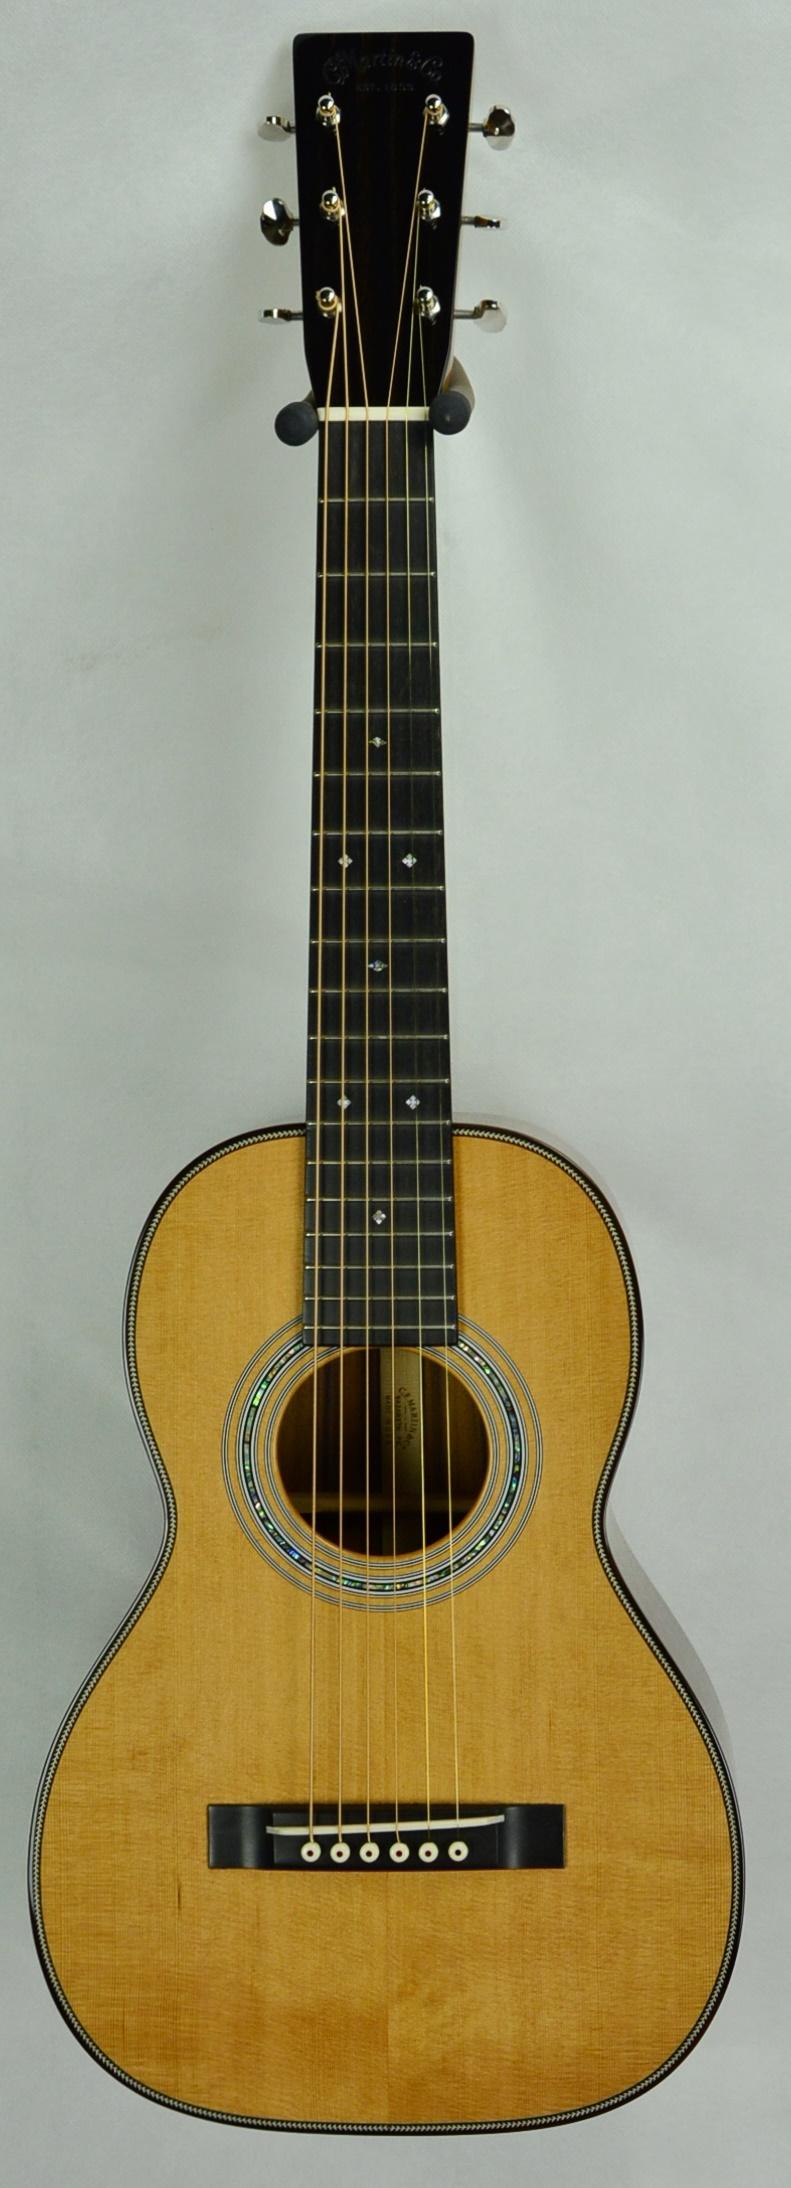 Q-2151424 S-1800387 Size 5 Morado Cedar  (6).JPG